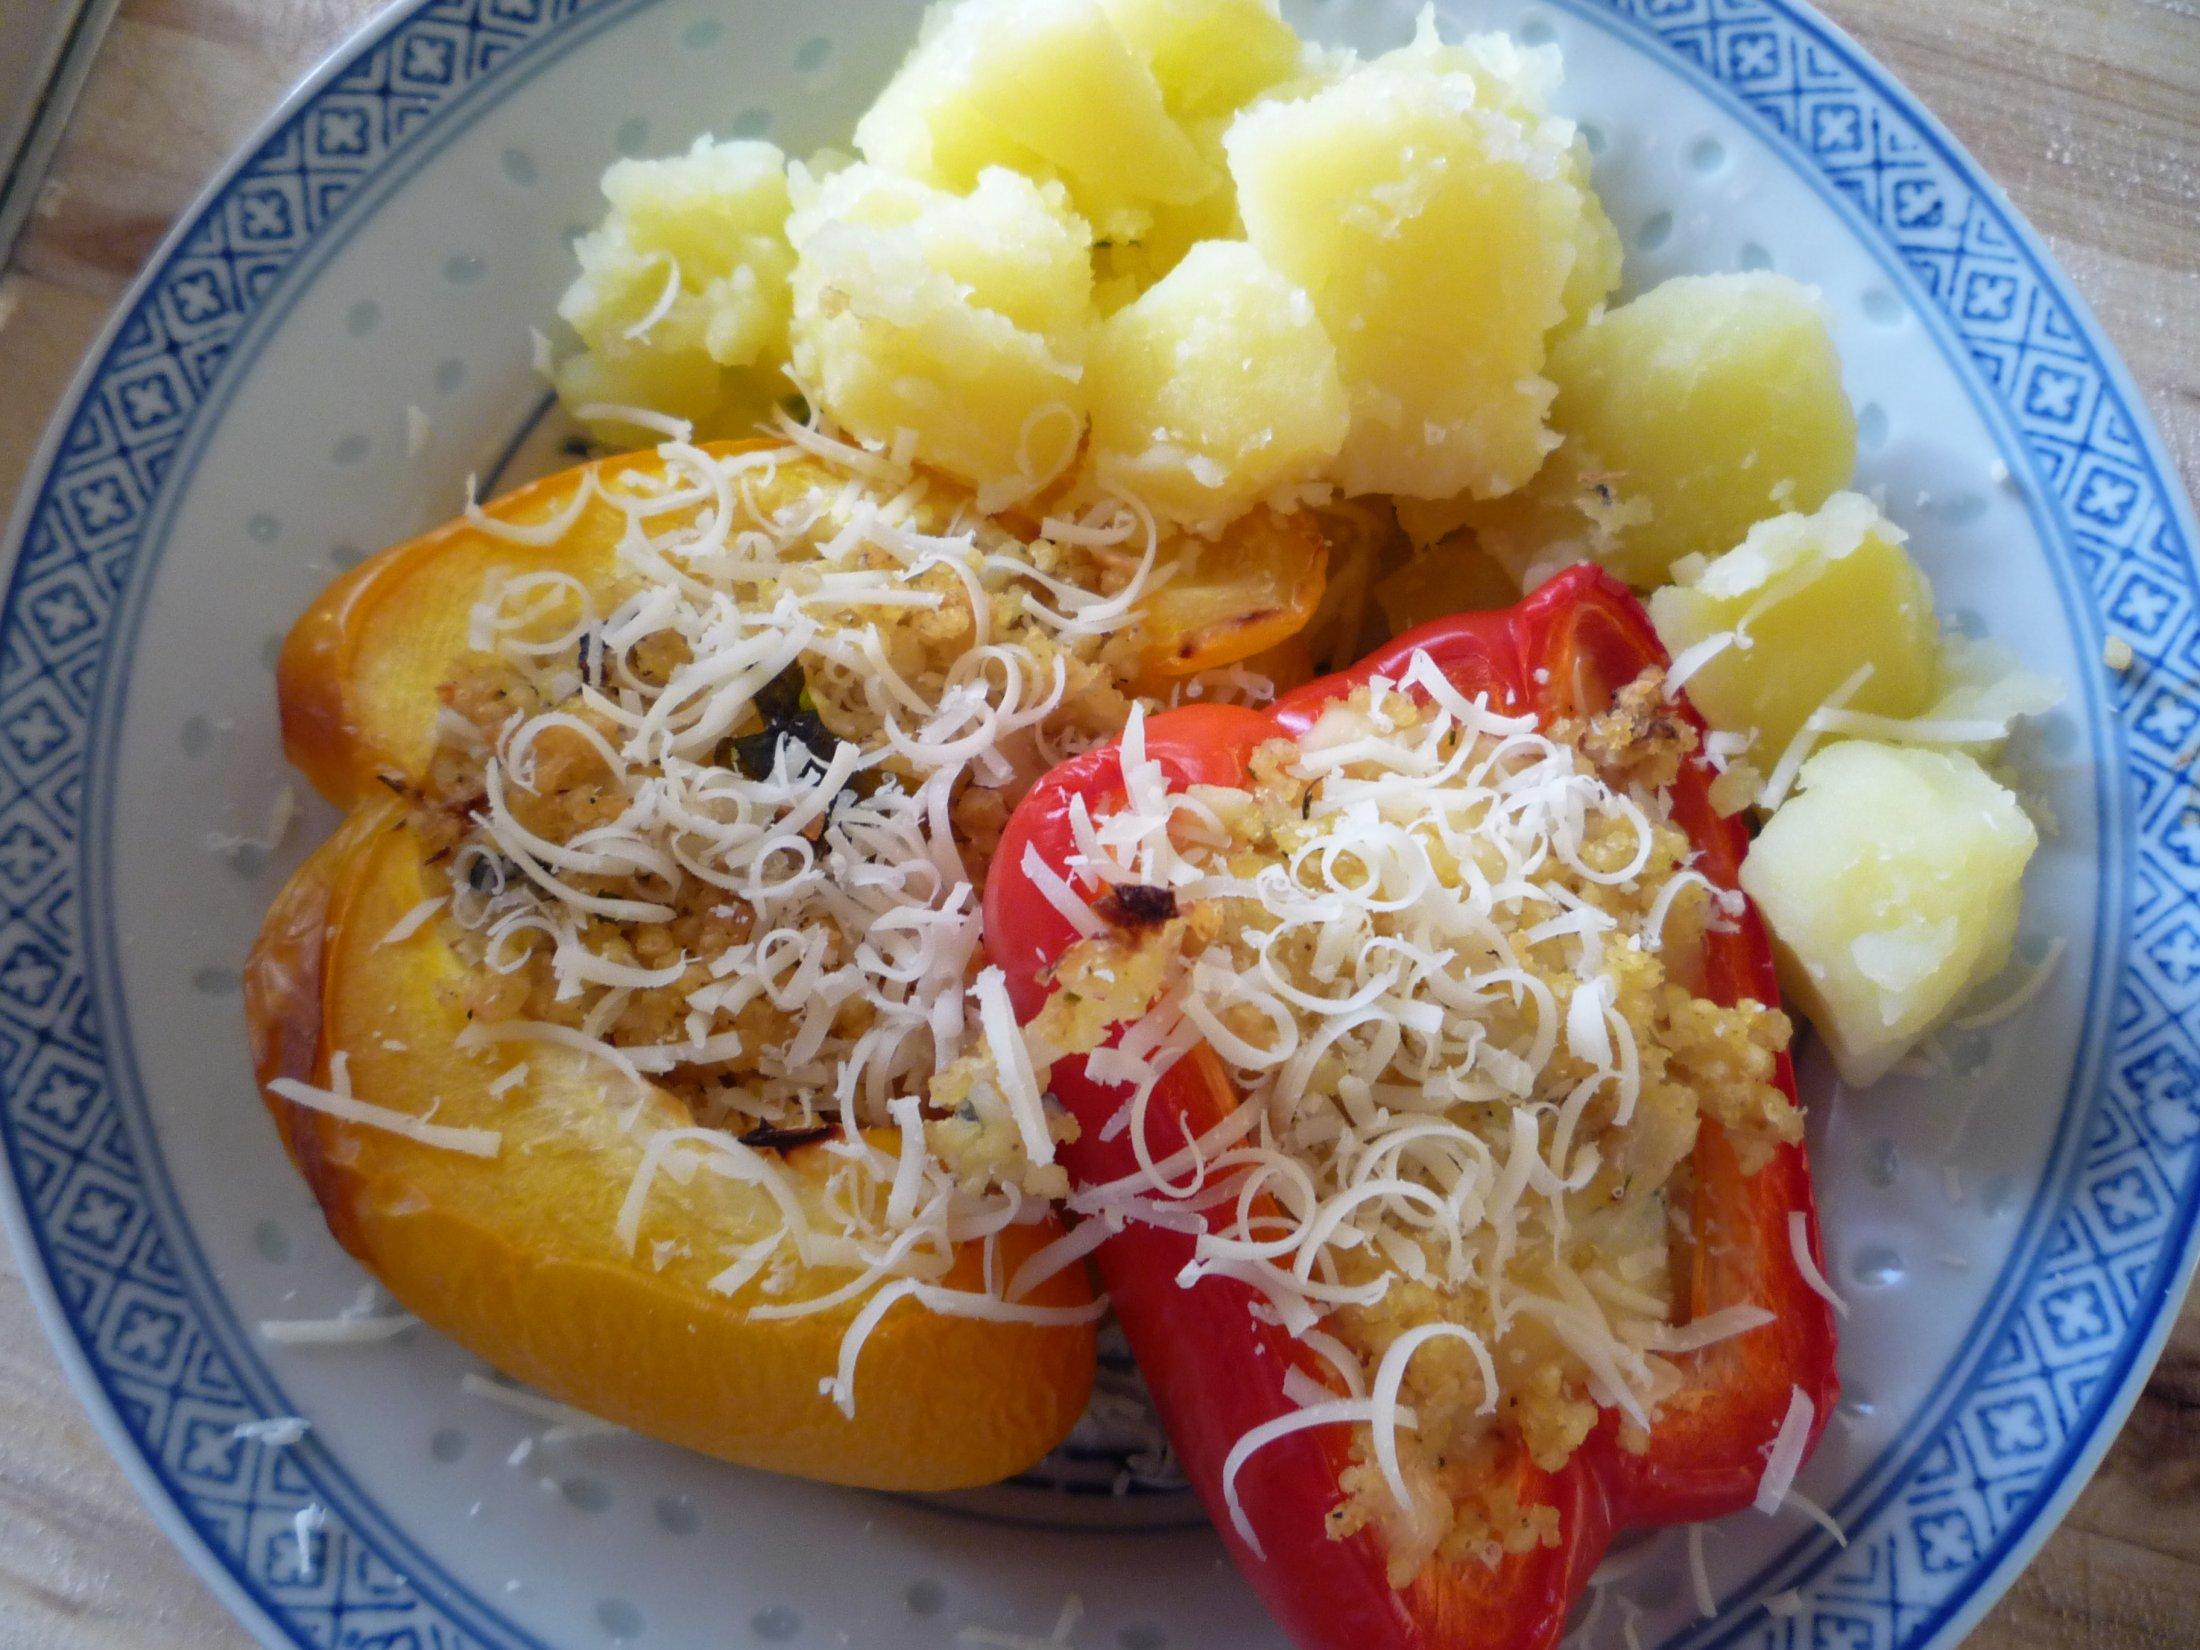 Recept Zapečené papriky s jáhlovou nádivkou - u nas v tomto pripade radsej so zemiakmi :)